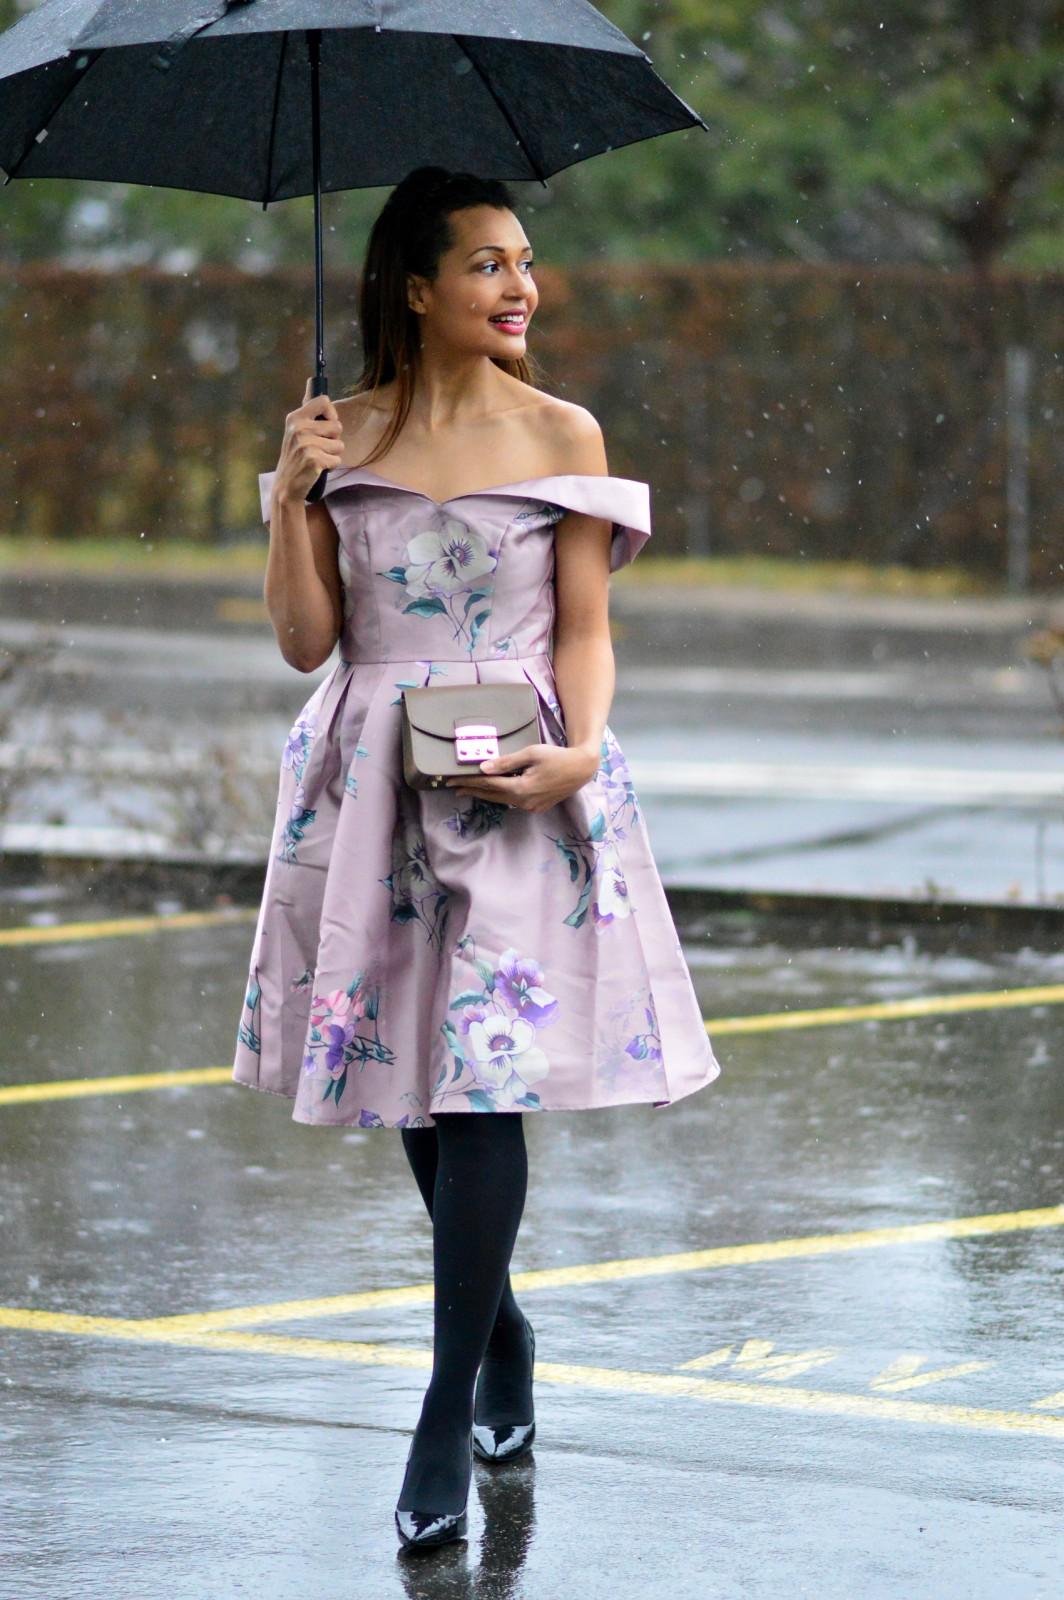 romantic dress/ pink floral dress / off-the-shoulder pink dress